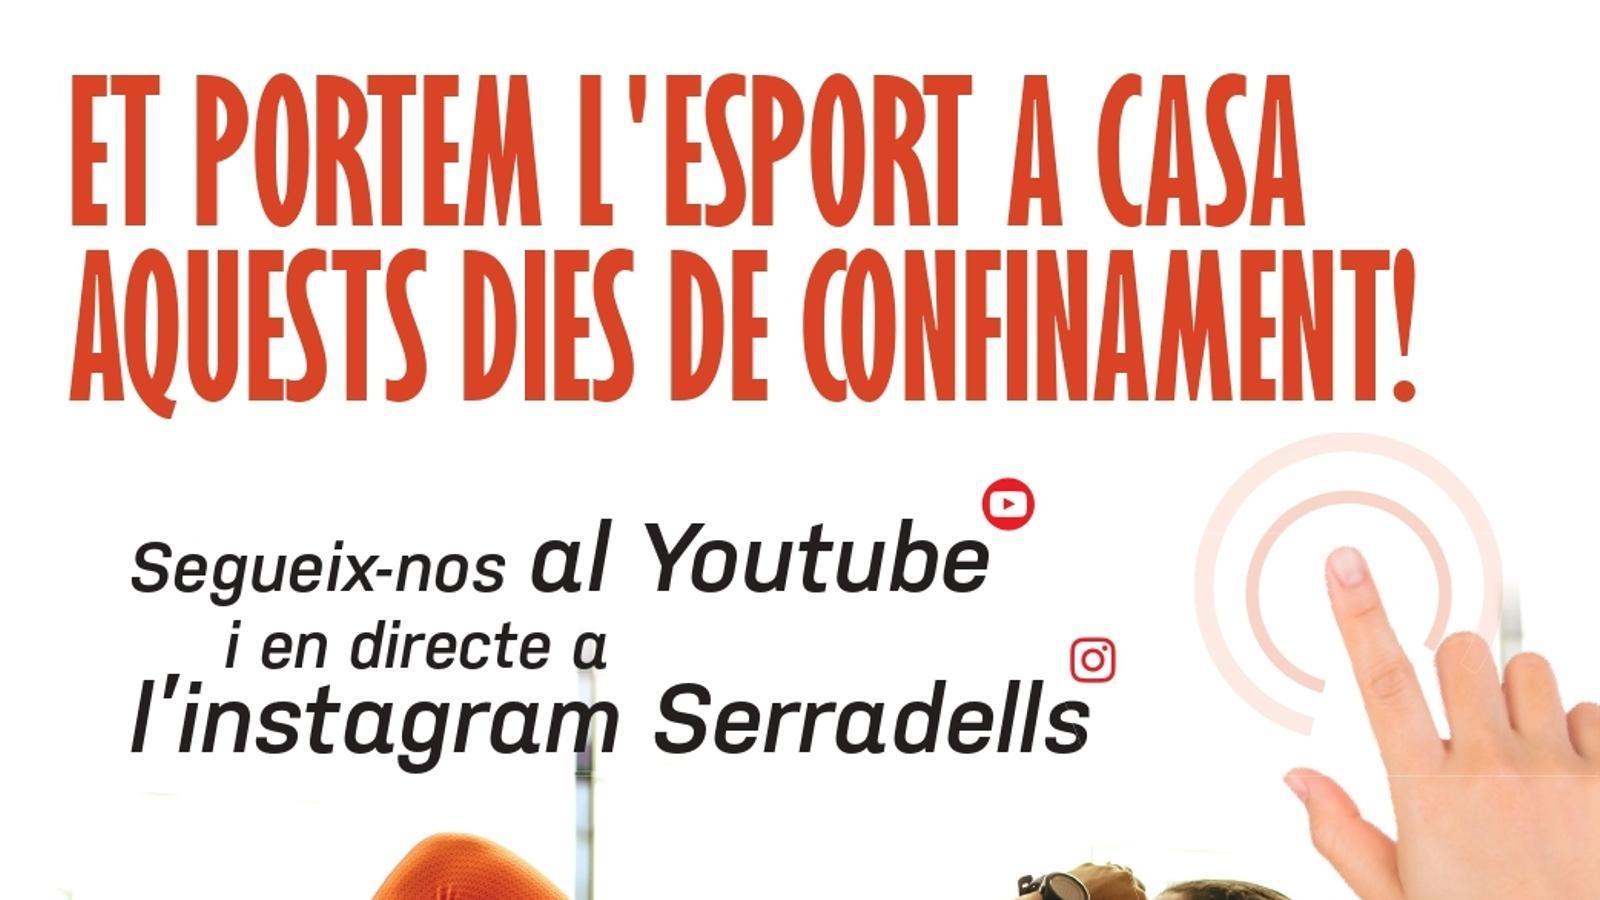 L'anunci de la proposta dels Serradells. / COMÚ D'ANDORRA LA VELLA